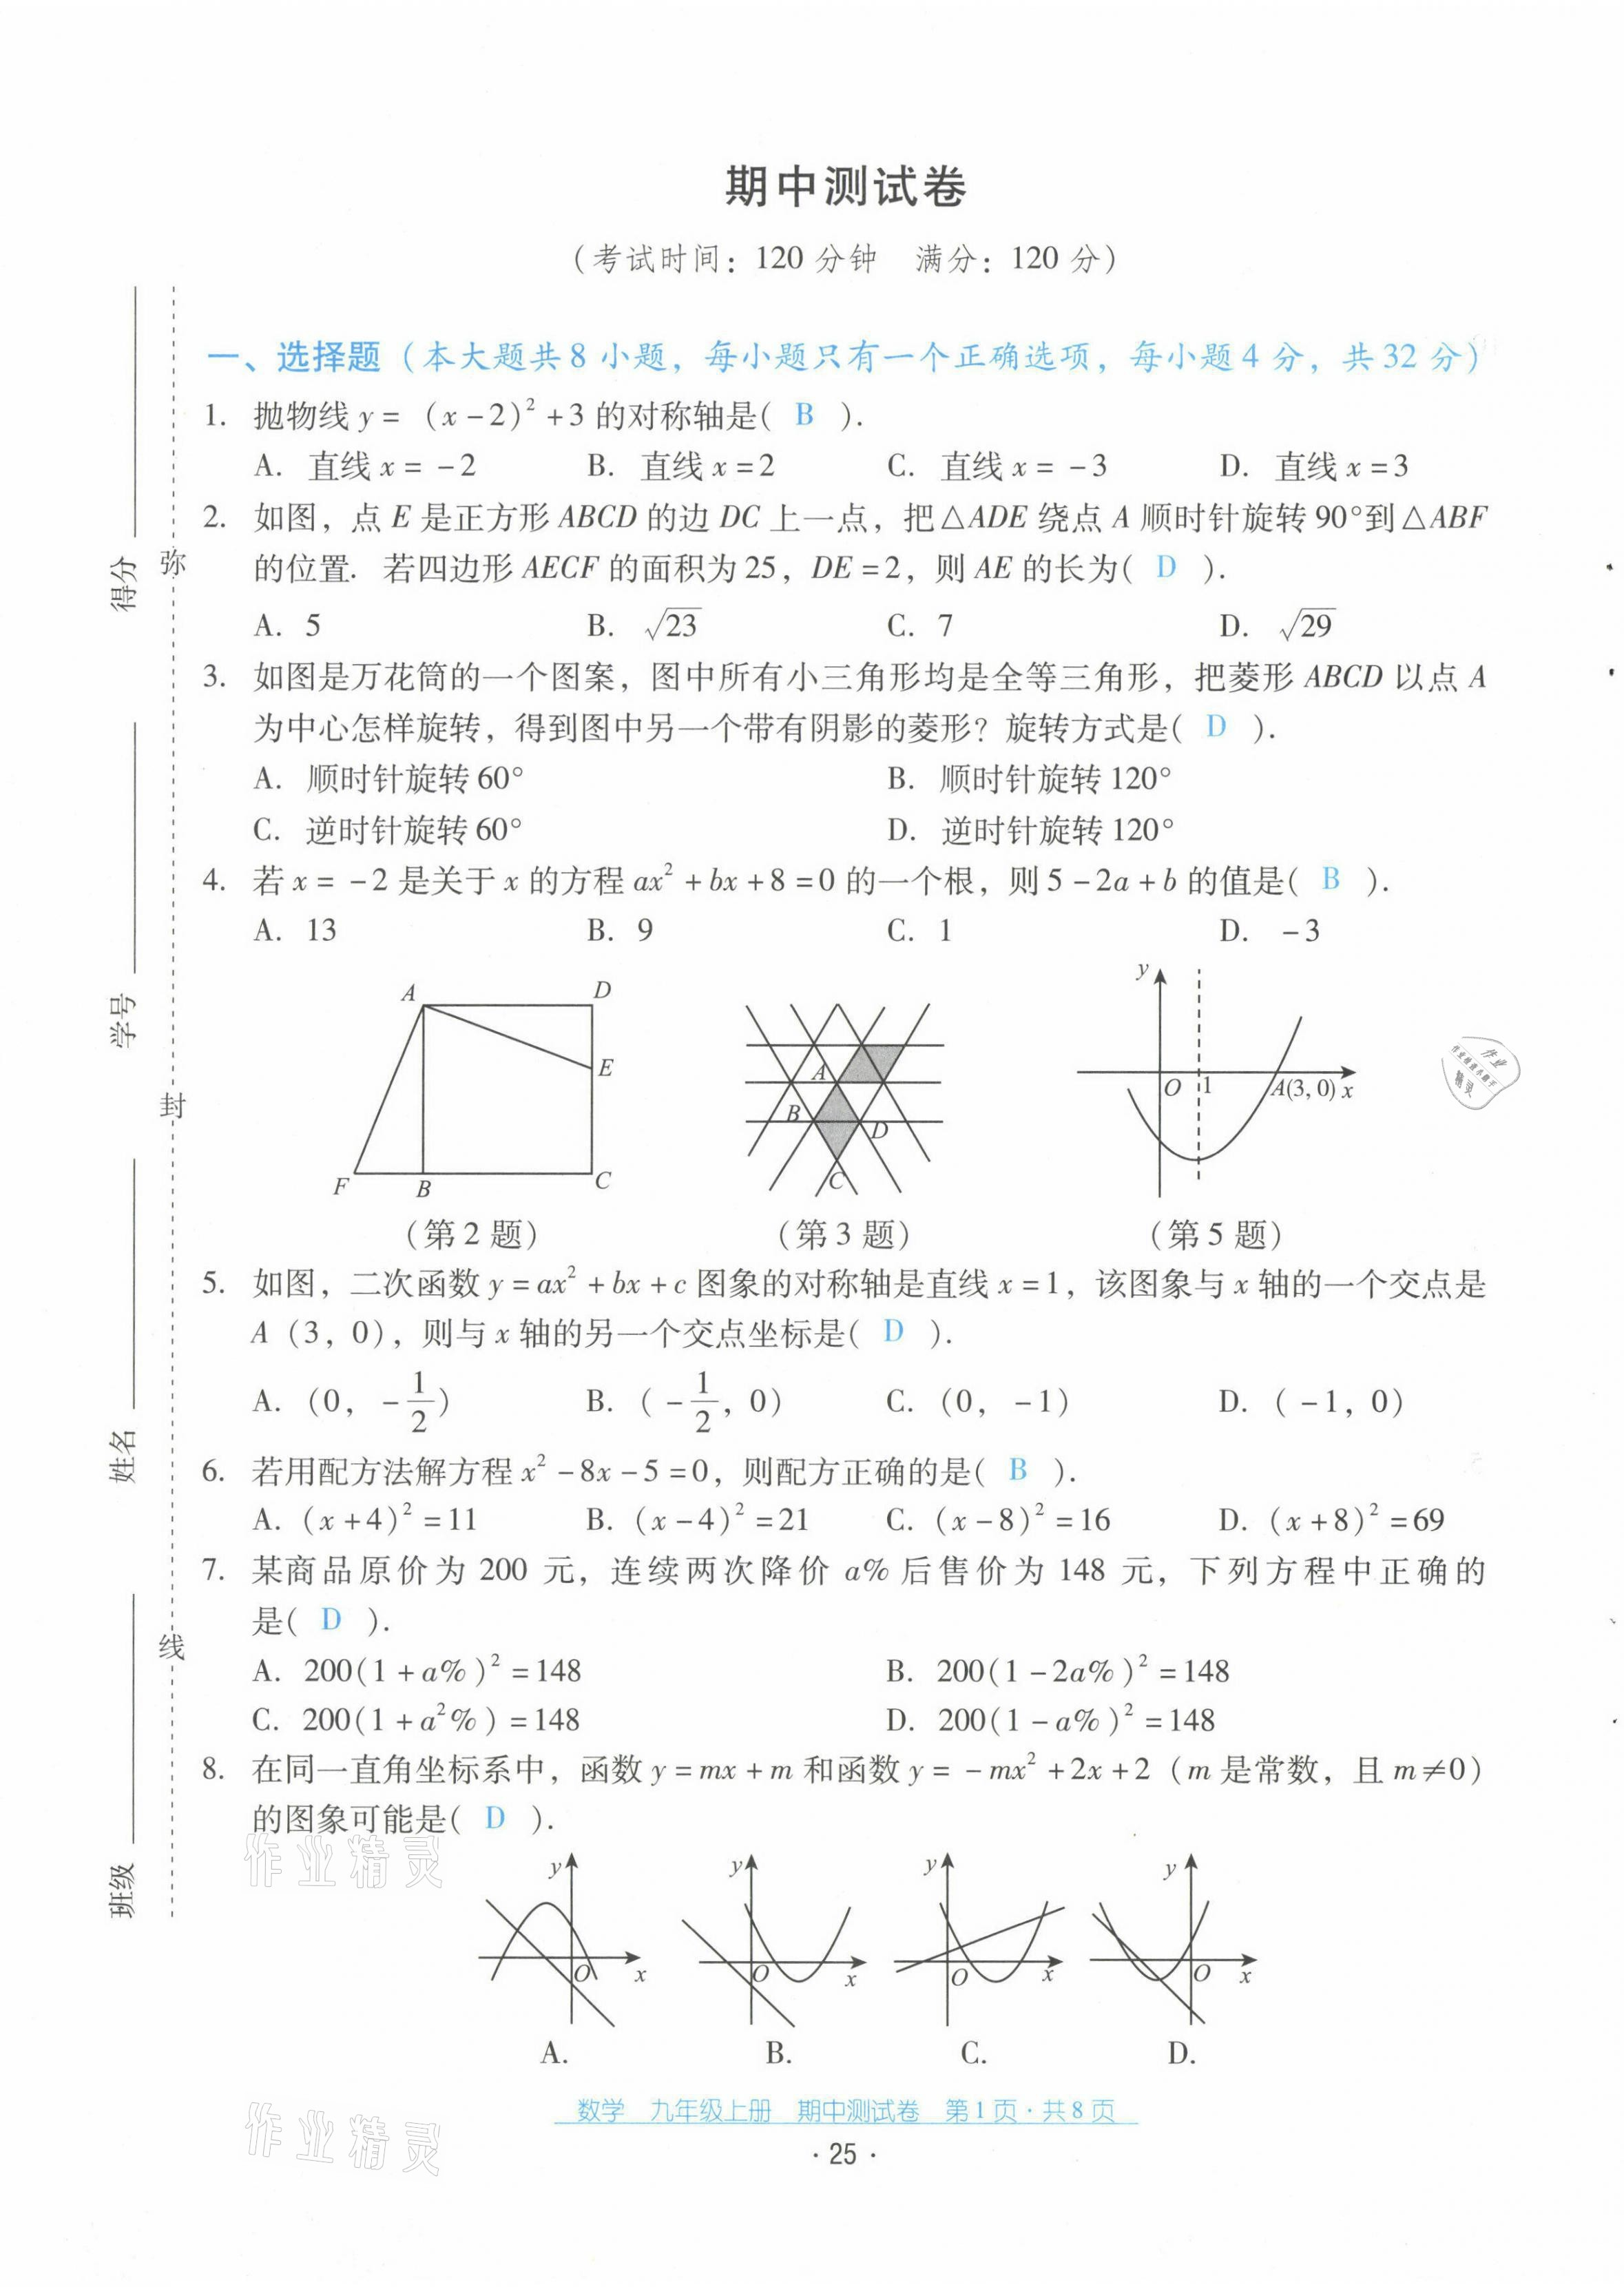 2021年云南省标准教辅优佳学案配套测试卷九年级数学上册人教版第25页